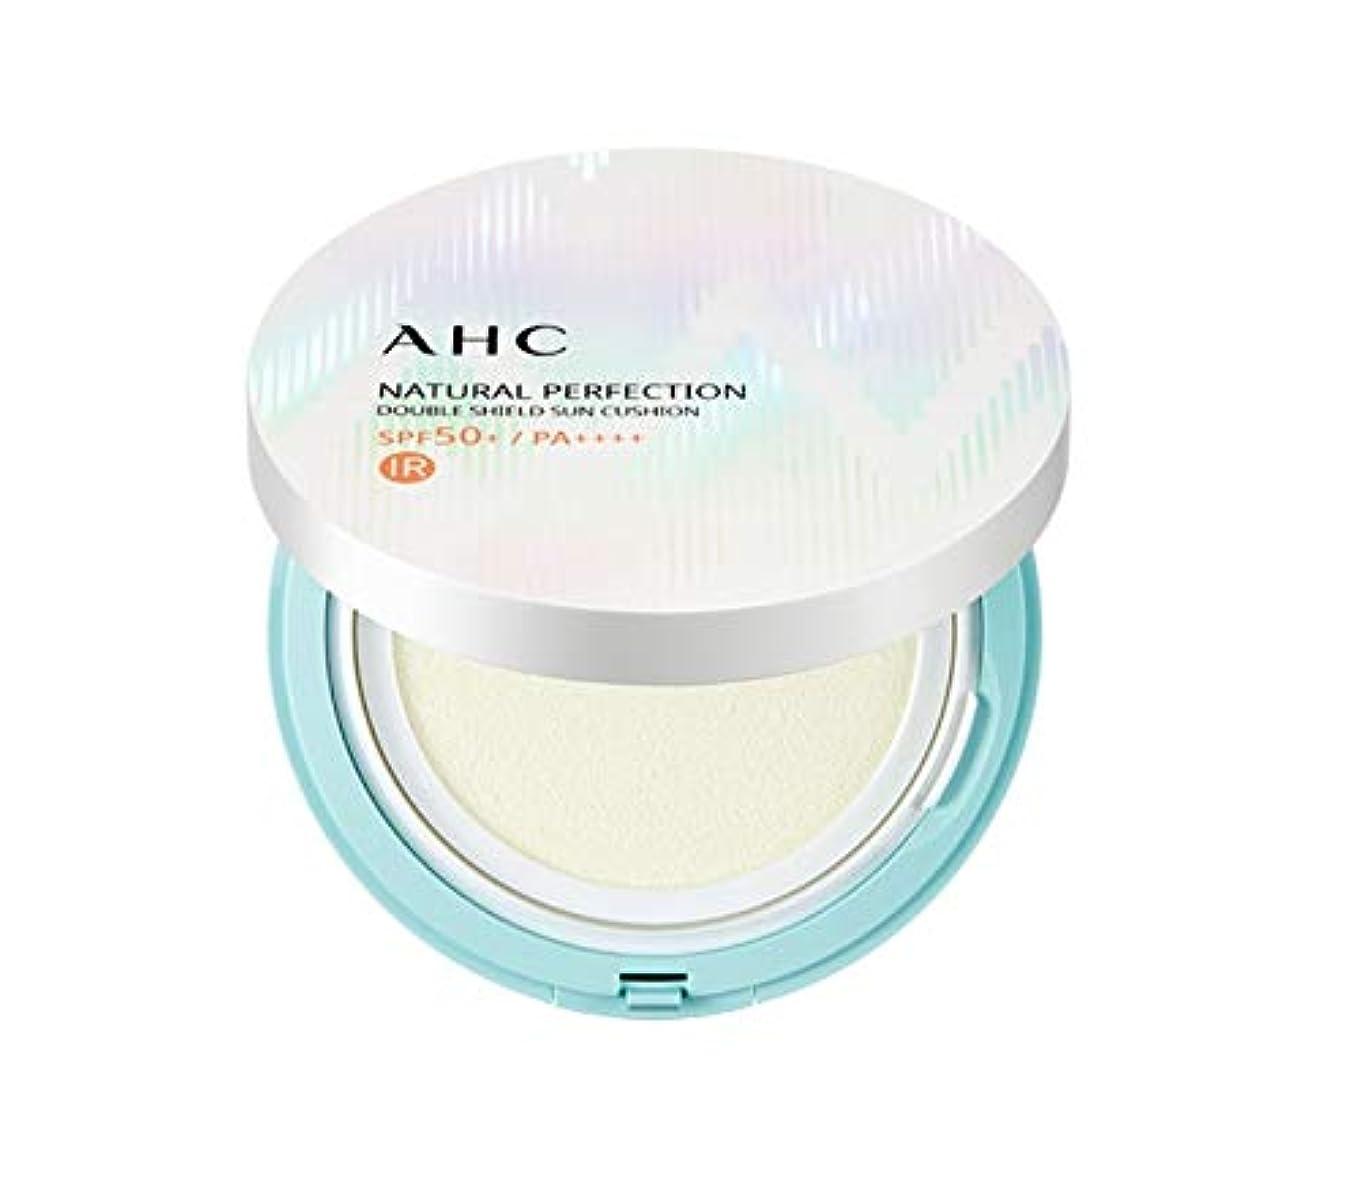 コンテンツ感じる番号AHC ナチュラルパーフェクションダブルシールド線クッション ホワイト 25g / AHC NATURAL PERFECTION DOUBLE SHIELD SUN CUSHION WHITE [並行輸入品]